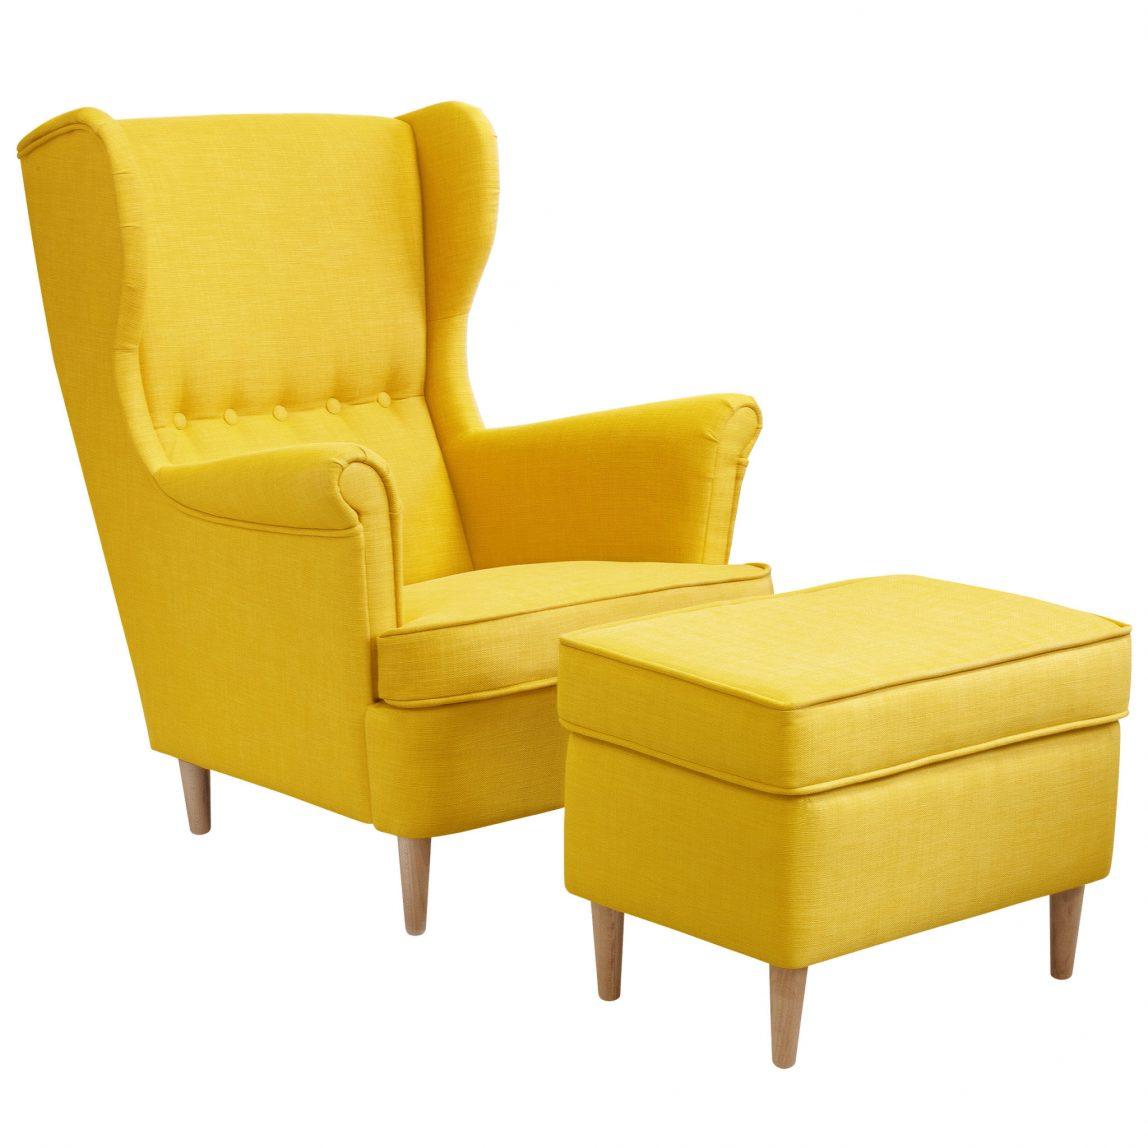 Каминное кресло с банкеткой «Торн»